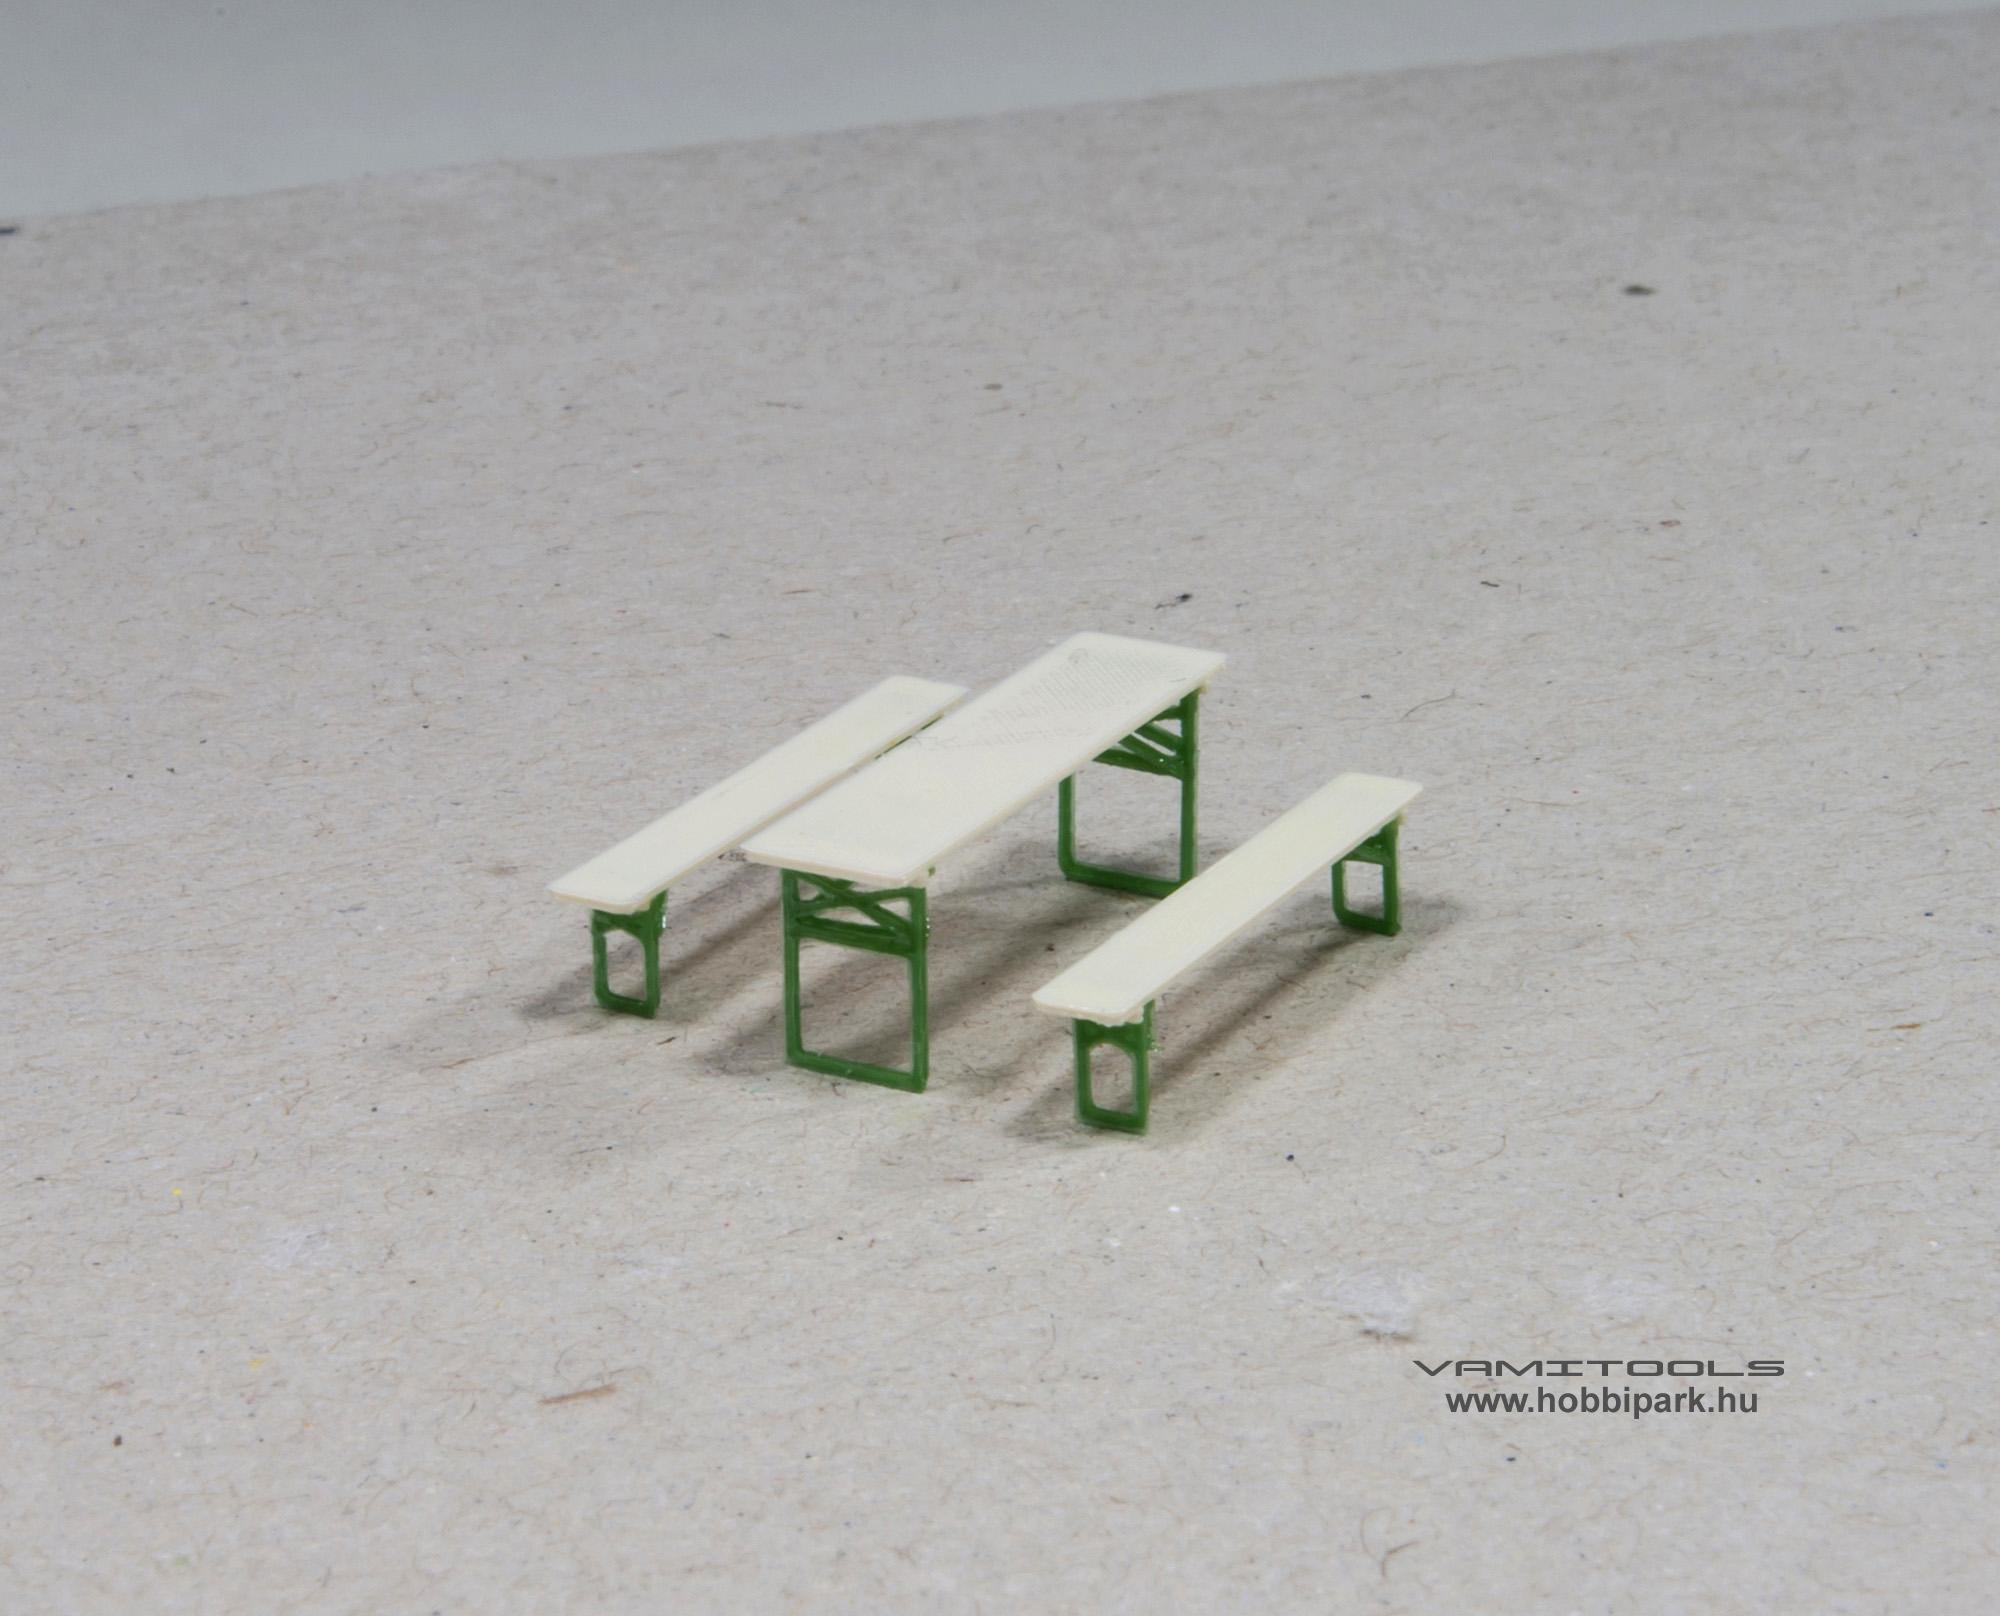 ülés, puff, kisszék, zsámoly, hokedli, sámli, ülőhely, szék, ülőalkalmatosság, pad, MÁV pad, magyar pad, városi pad, falusi pad, kiegészítő, dioráma, vasútmodell, modellvasút, H0 ülés, H0 puff, H0 kisszék, H0 zsámoly, H0 hokedli, H0 sámli, H0 ülőhely, H0 szék, H0 ülőalkalmatosság, H0 pad, H0 MÁV pad, H0 magyar pad, H0 városi pad, H0 falusi pad, H0 kiegészítő, H0 dioráma, H0 vasútmodell, H0 modellvasút, 1:87 ülés, 1:87 puff, 1:87 kisszék, 1:87 zsámoly, 1:87 hokedli, 1:87 sámli, 1:87 ülőhely, 1:87 szék, 1:87 ülőalkalmatosság, 1:87 pad, 1:87 MÁV pad, 1:87 magyar pad, 1:87 városi pad, 1:87 falusi pad, 1:87 kiegészítő, 1:87 dioráma, 1:87 vasútmodell, 1:87 modellvasút, TT ülés, TT puff, TT kisszék, TT zsámoly, TT hokedli, TT sámli, TT ülőhely, TT szék, TT ülőalkalmatosság, TT pad, TT MÁV pad, TT magyar pad, TT városi pad, TT falusi pad, TT kiegészítő, TT dioráma, TT vasútmodell, TT modellvasút, 1:120 ülés, 1:120 puff, 1:120 kisszék, 1:120 zsámoly, 1:120 hokedli, 1:120 sámli, 1:120 ülőhely, 1:120 szék, 1:120 ülőalkalmatosság, 1:120 pad, 1:120 MÁV pad, 1:120 magyar pad, 1:120 városi pad, 1:120 falusi pad, 1:120 kiegészítő, 1:120 dioráma, 1:120 vasútmodell, 1:120 modellvasút, N ülés, N puff, N kisszék, N zsámoly, N hokedli, N sámli, N ülőhely, N szék, N ülőalkalmatosság, N pad, N MÁV pad, N magyar pad, N városi pad, N falusi pad, N kiegészítő, N dioráma, N vasútmodell, N modellvasút, 1:160 ülés, 1:160 puff, 1:160 kisszék, 1:160 zsámoly, 1:160 hokedli, 1:160 sámli, 1:160 ülőhely, 1:160 szék, 1:160 ülőalkalmatosság, 1:160 pad, 1:160 MÁV pad, 1:160 magyar pad, 1:160 városi pad, 1:160 falusi pad, 1:160 kiegészítő, 1:160 dioráma, 1:160 vasútmodell, 1:160 modellvasút, modell ülés, modell puff, modell kisszék, modell zsámoly, modell hokedli, modell sámli, modell ülőhely, modell szék, modell ülőalkalmatosság, modell pad, modell MÁV pad, modell magyar pad, modell városi pad, modell falusi pad, modell kiegészítő, modell dioráma, makett ülés, makett puff, makett kisszék, makett zsámoly